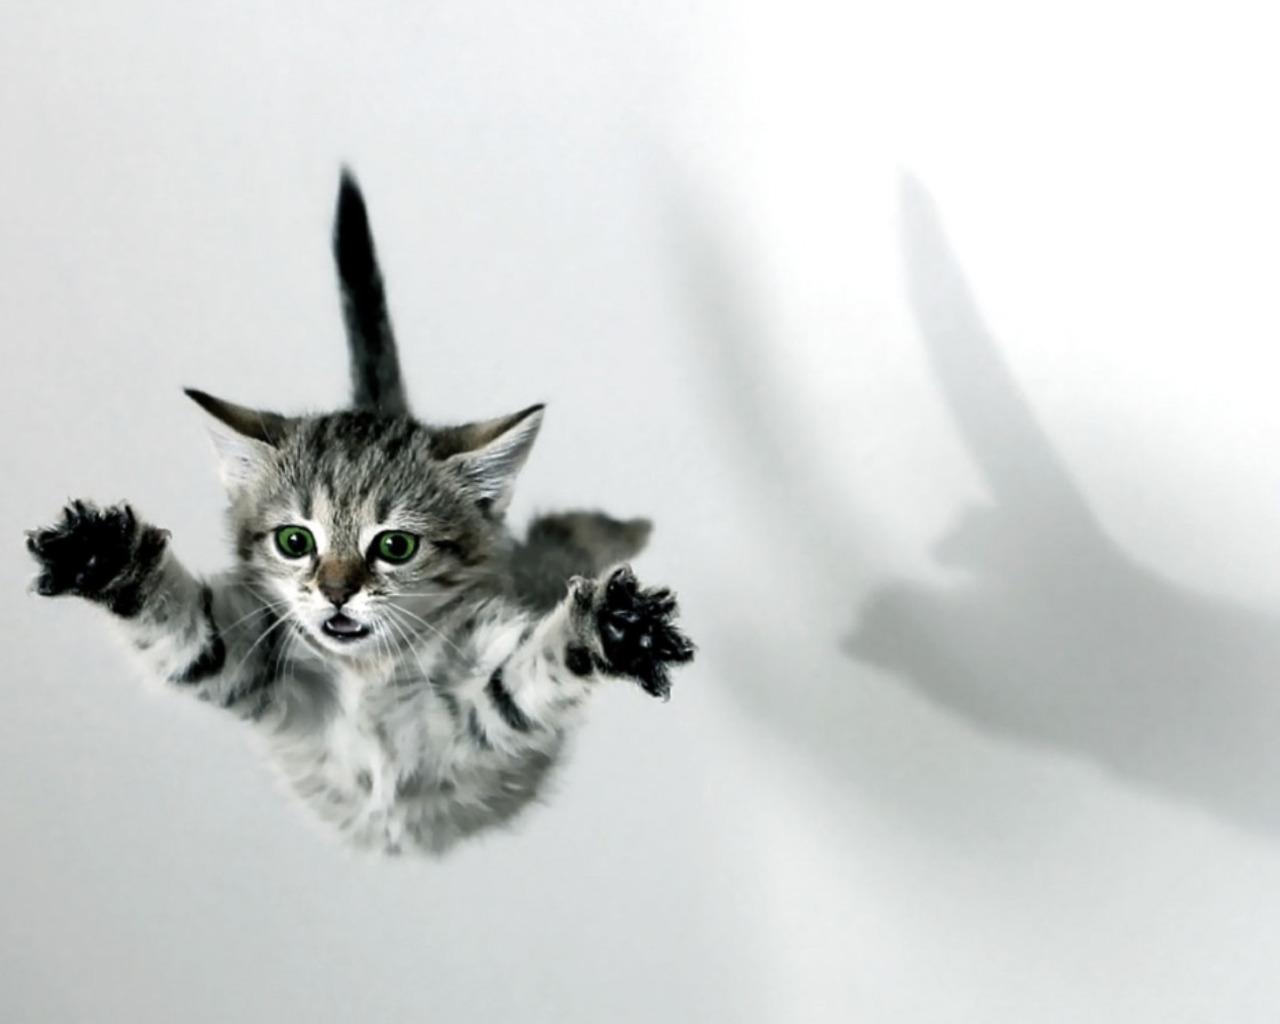 Porque os gatos caem em pé? Saiba o porque e se é sempre assim!